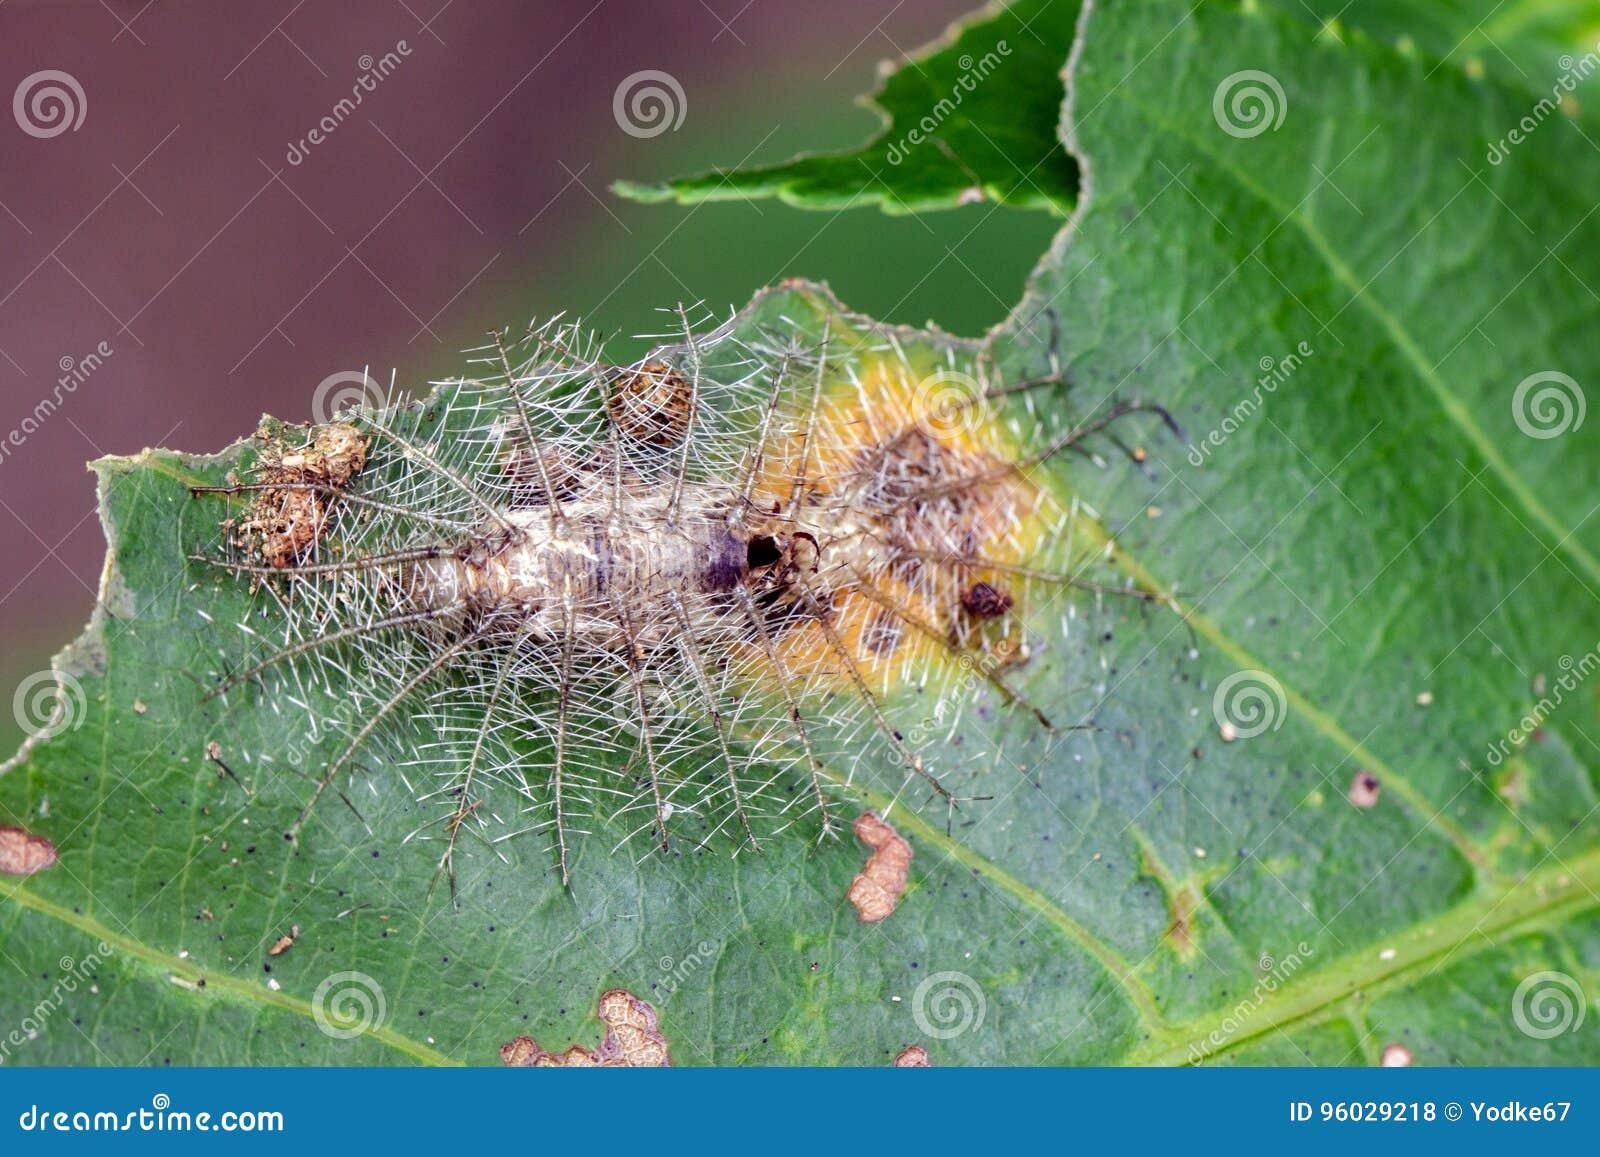 Wizerunek archduke gąsienicowy nieboszczyk na zielonych liściach insekt